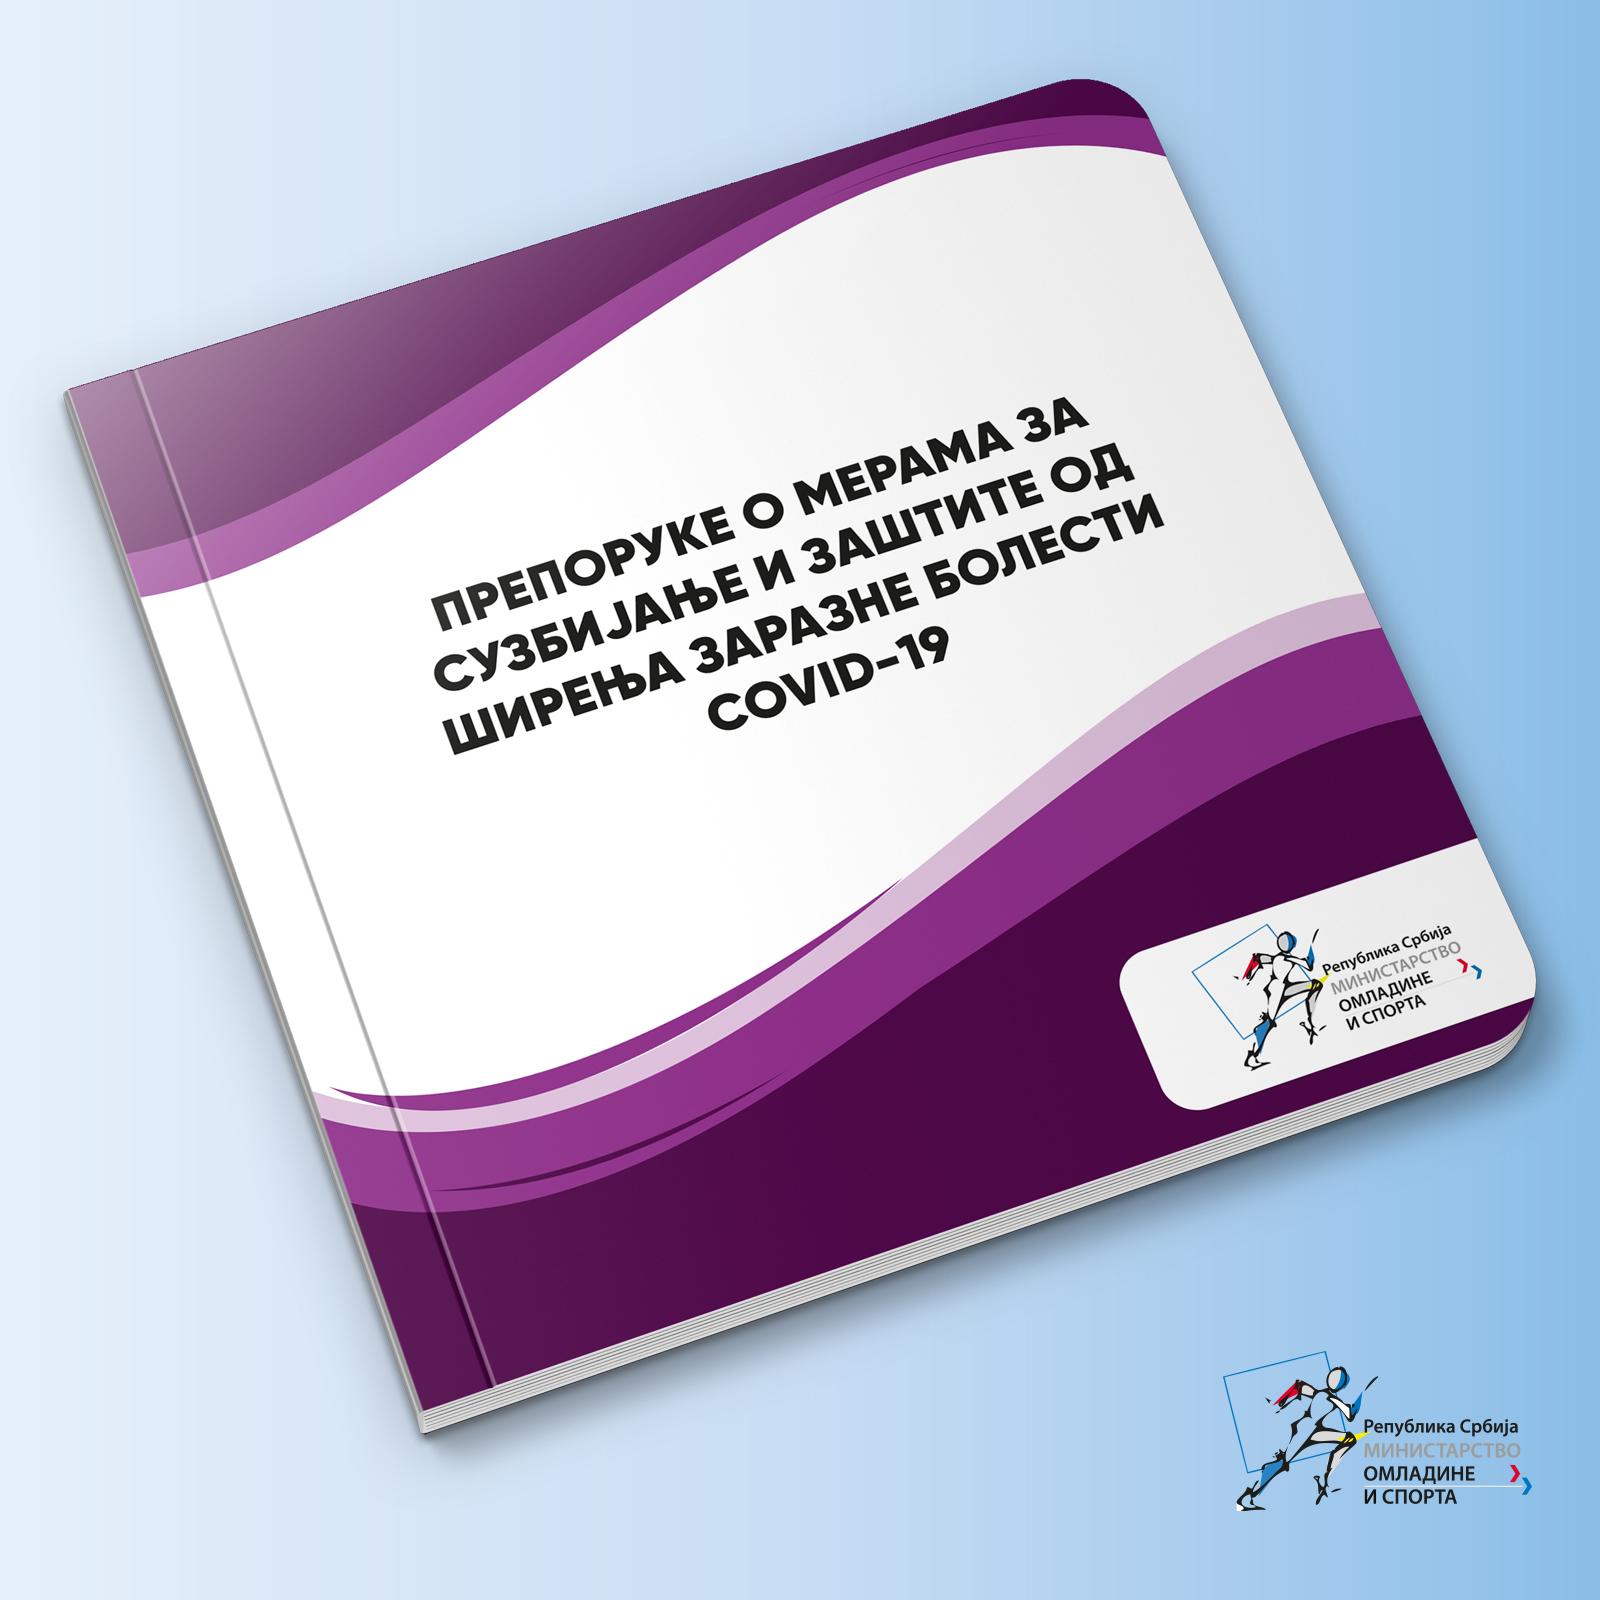 Препоруке о мерама за сузбијање и заштите од ширења заразне болести COVID-19